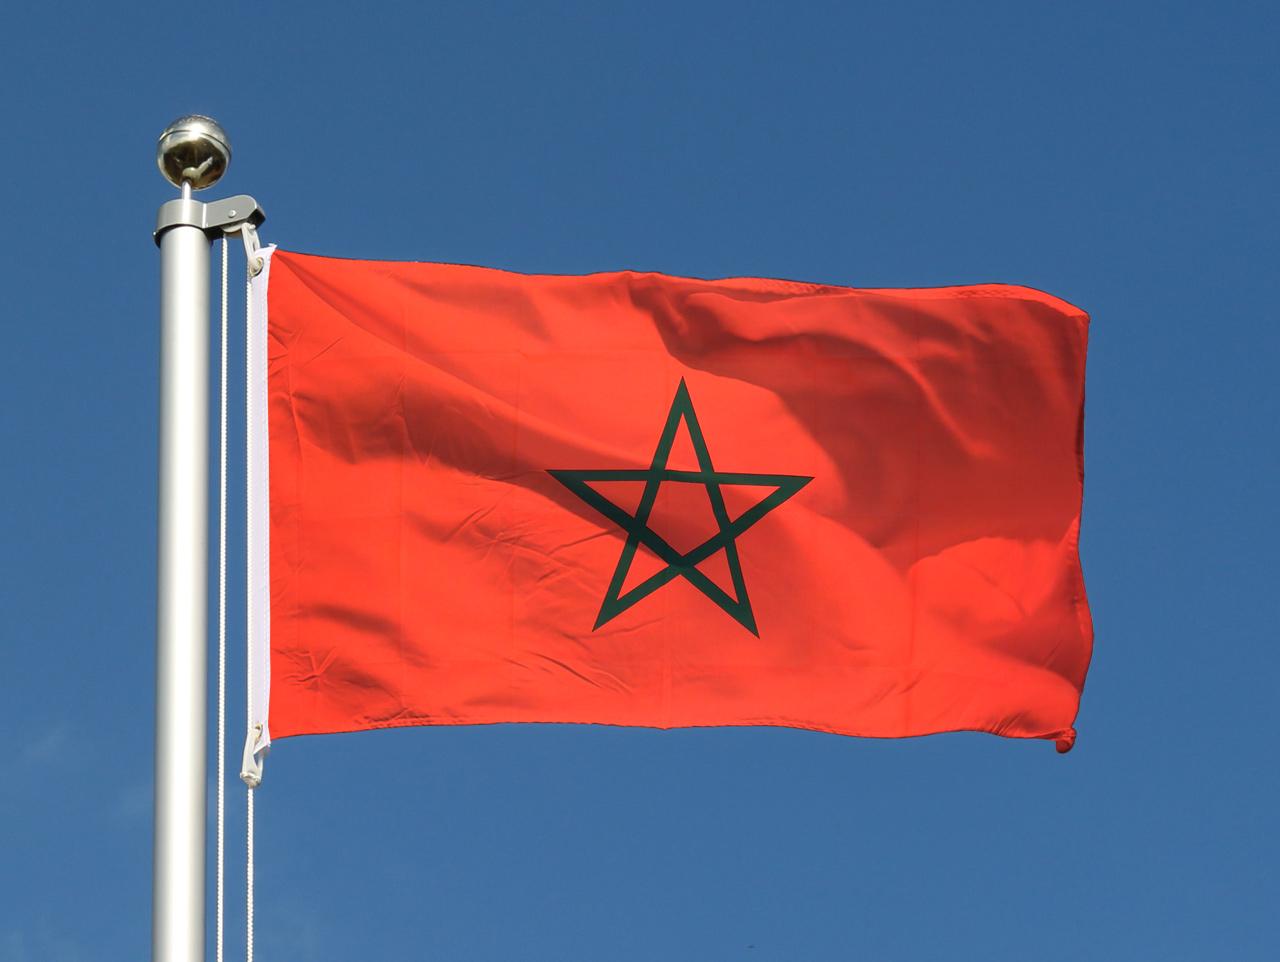 Drapeau du maroc pas cher 60 x 90 cm boutique de m for Drapeau publicitaire exterieur pas cher